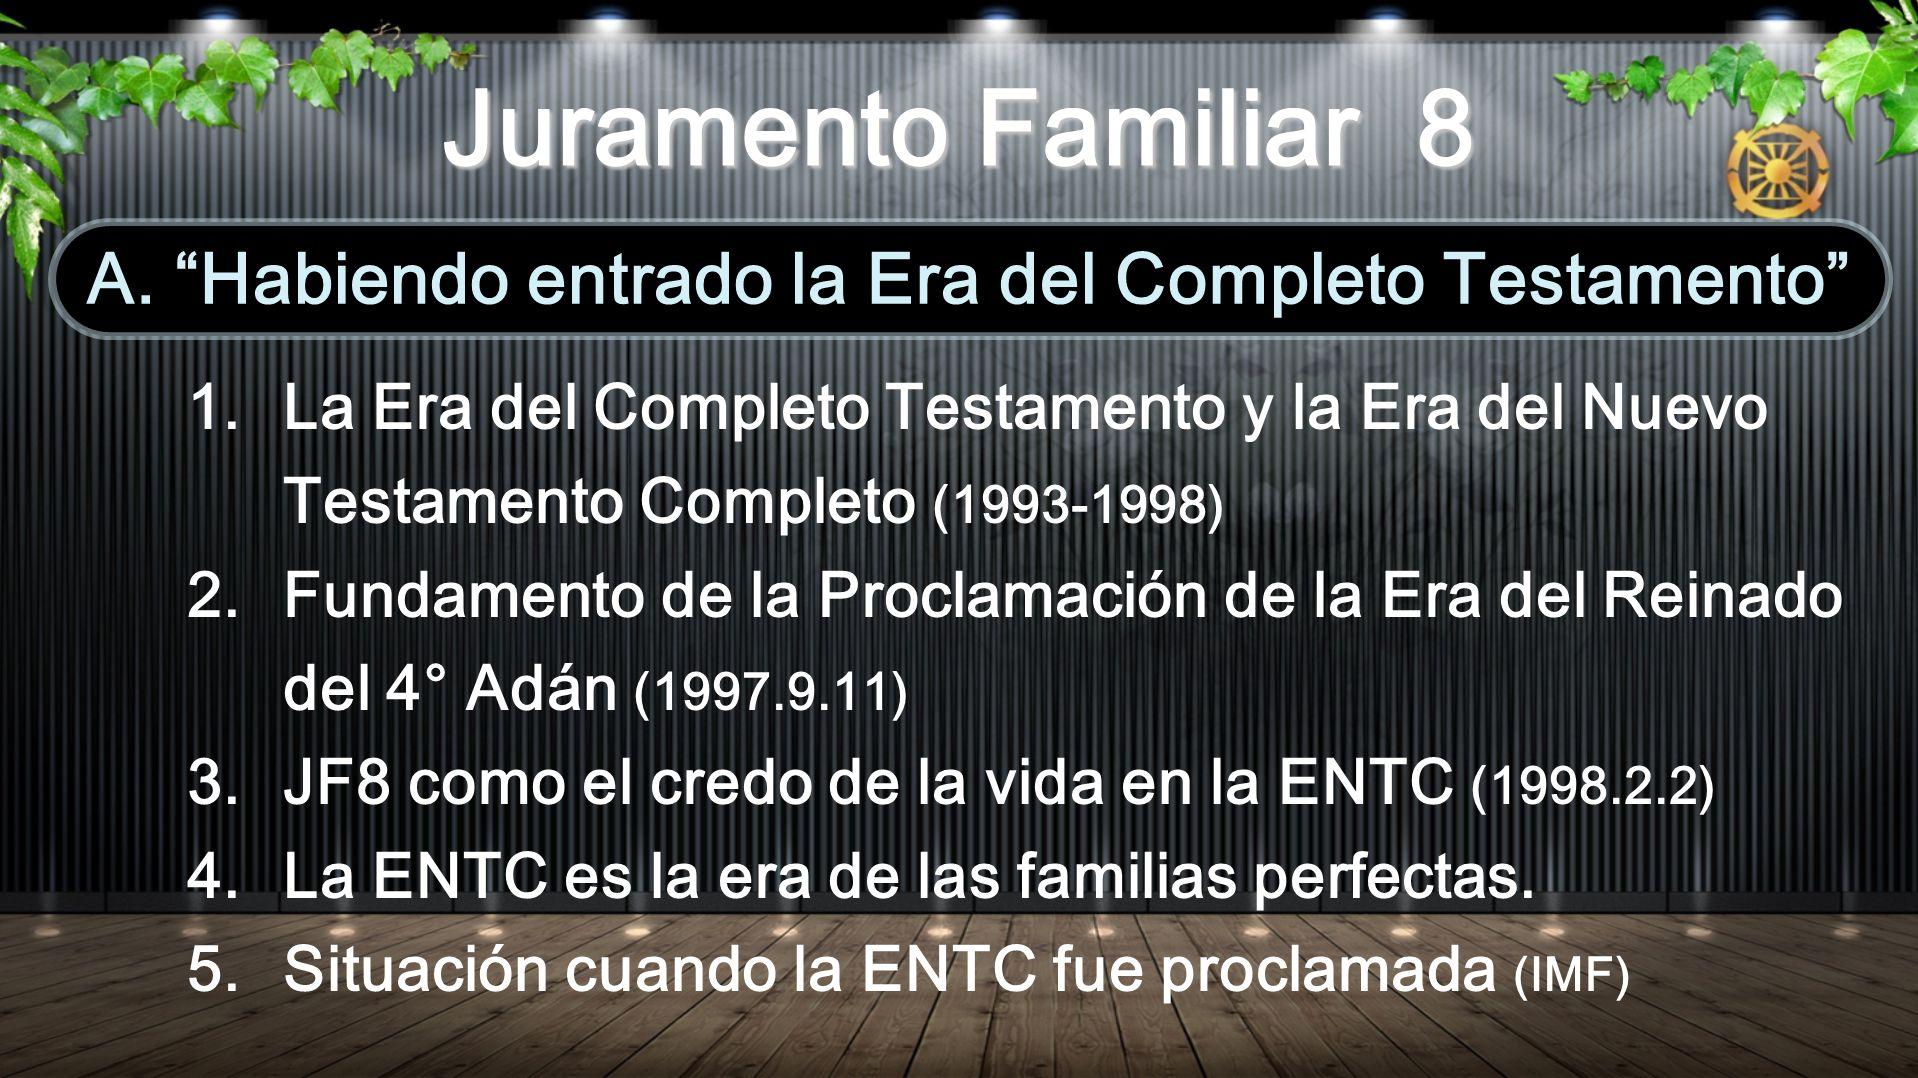 1.La Era del Completo Testamento y la Era del Nuevo Testamento Completo (1993-1998) 2.Fundamento de la Proclamación de la Era del Reinado del 4 ° Adán (1997.9.11) 3.JF8 como el credo de la vida en la ENTC (1998.2.2) 4.La ENTC es la era de las familias perfectas.